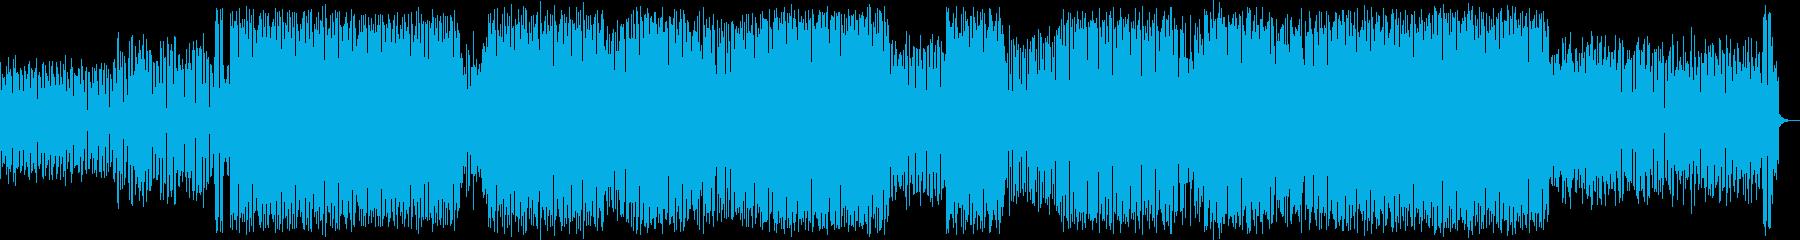 はじける感じのシンセポップハウス系の再生済みの波形